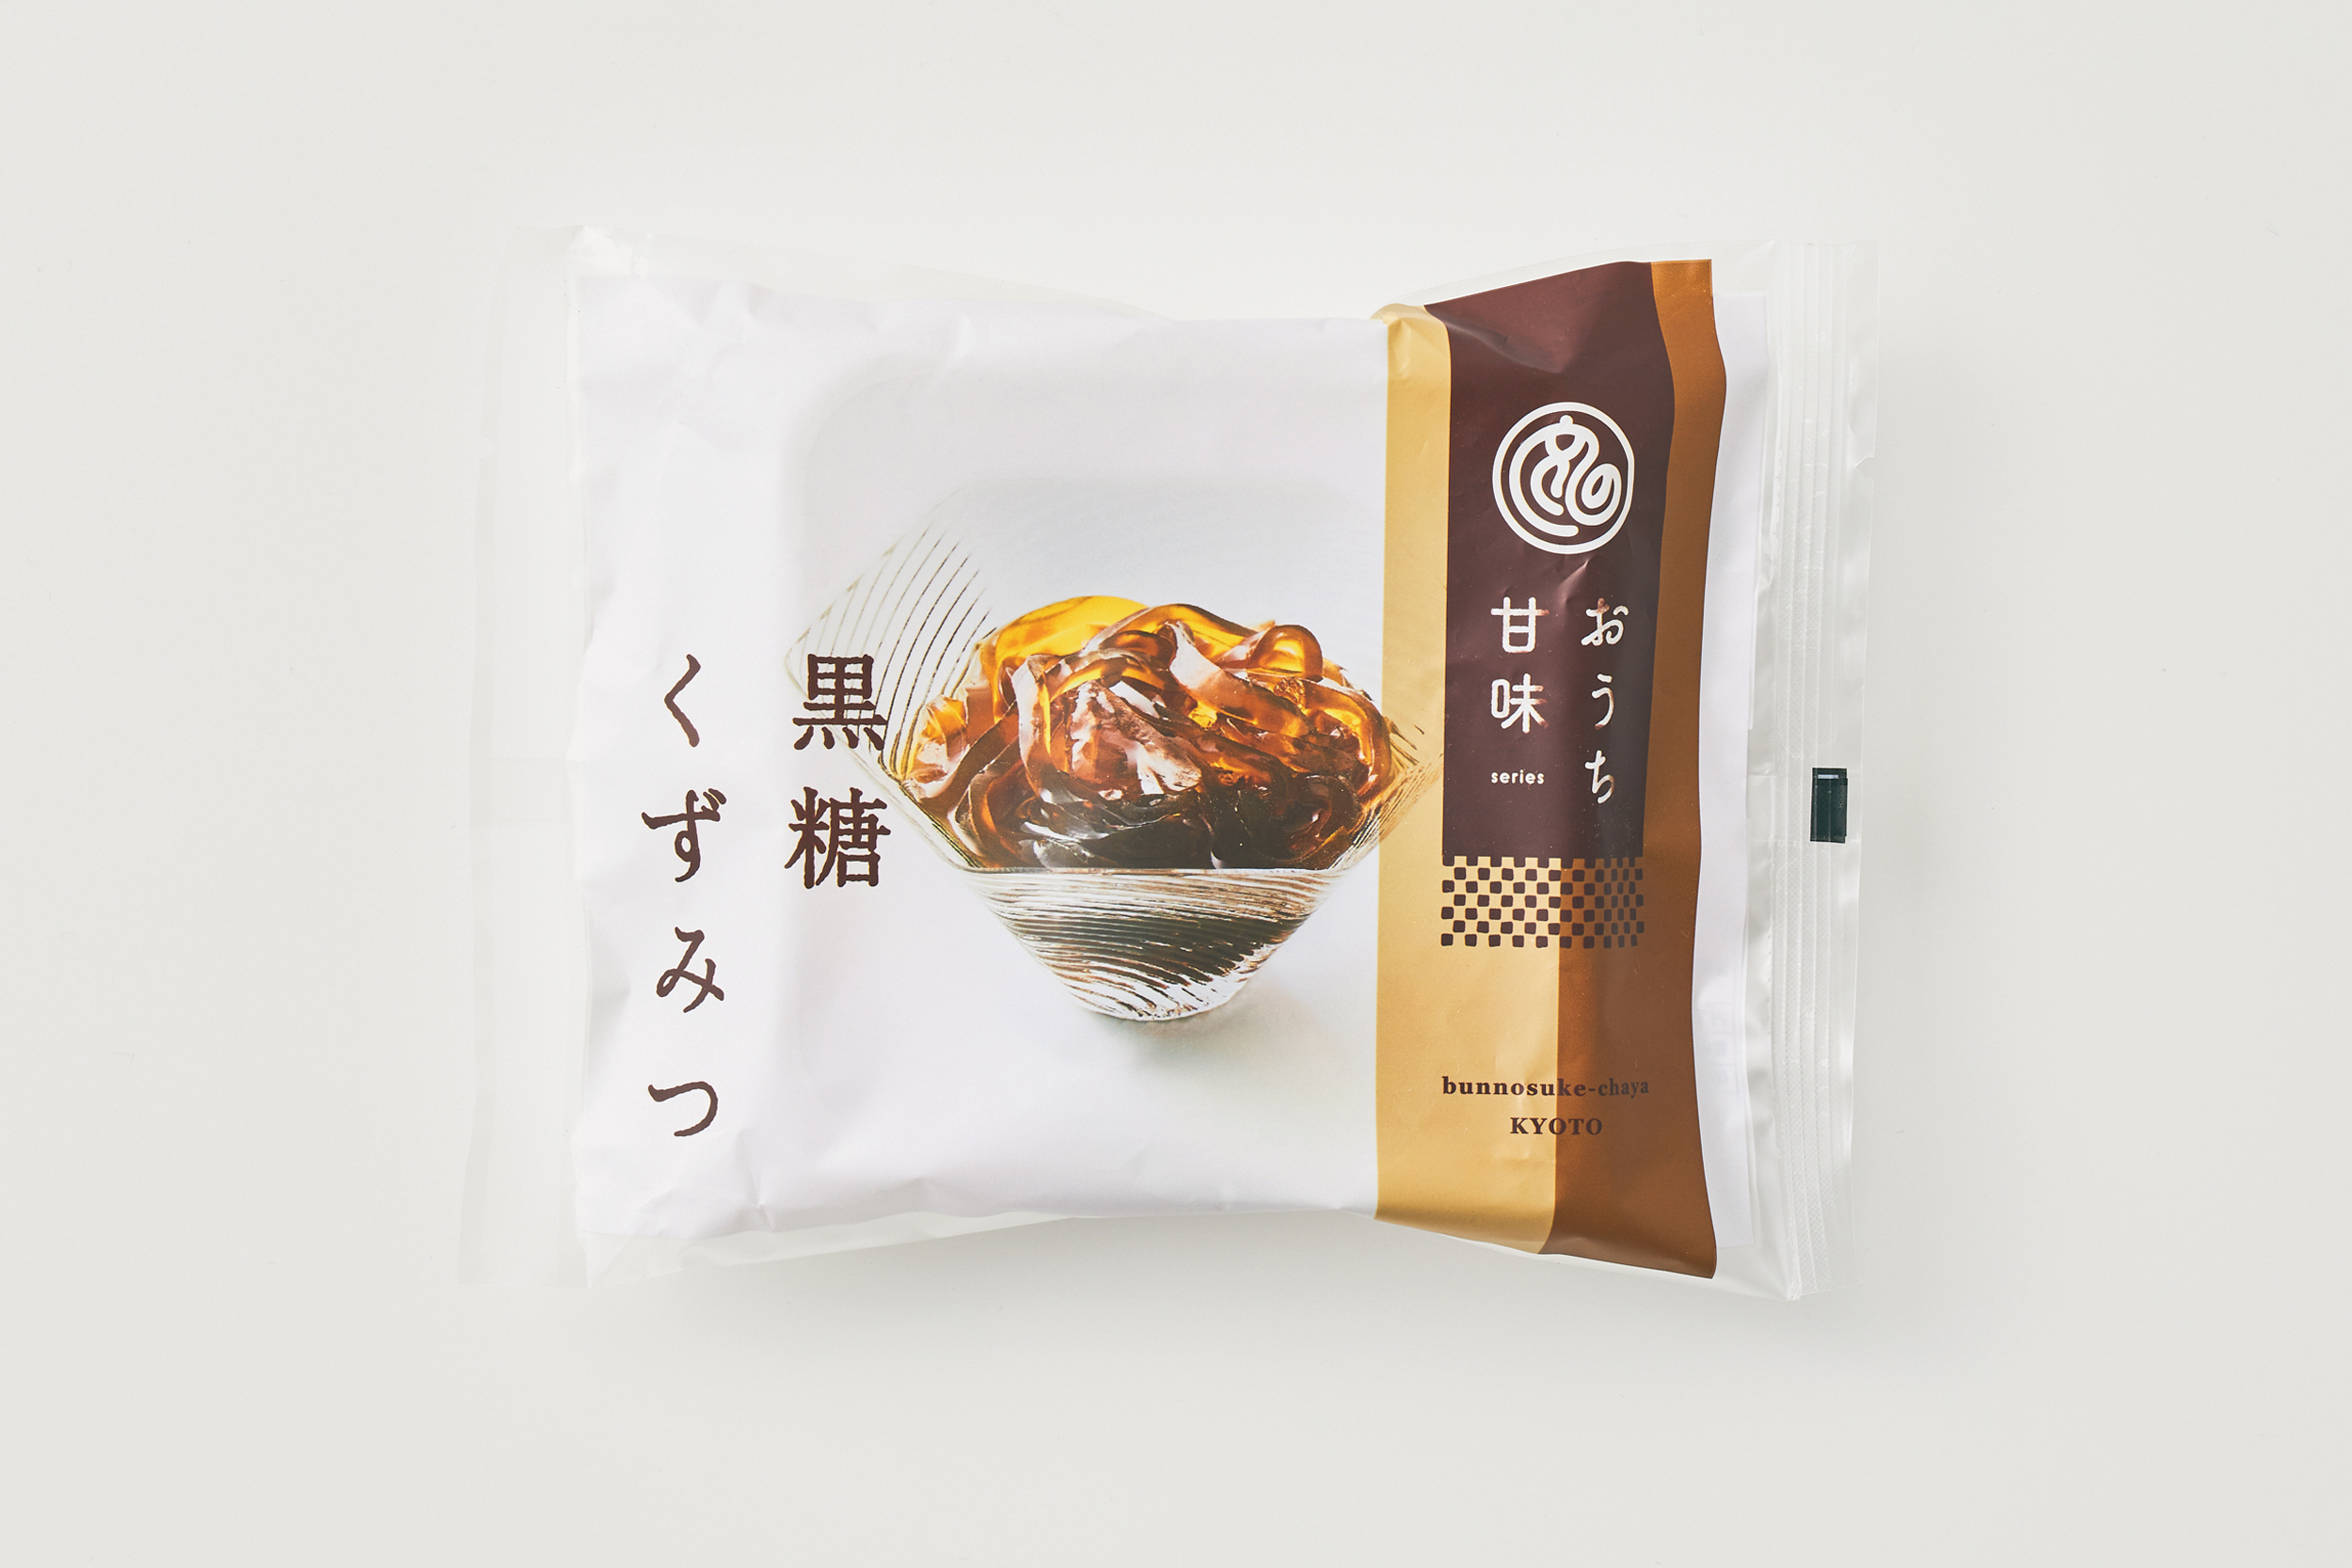 おうち甘味 黒糖くずみつ SALE